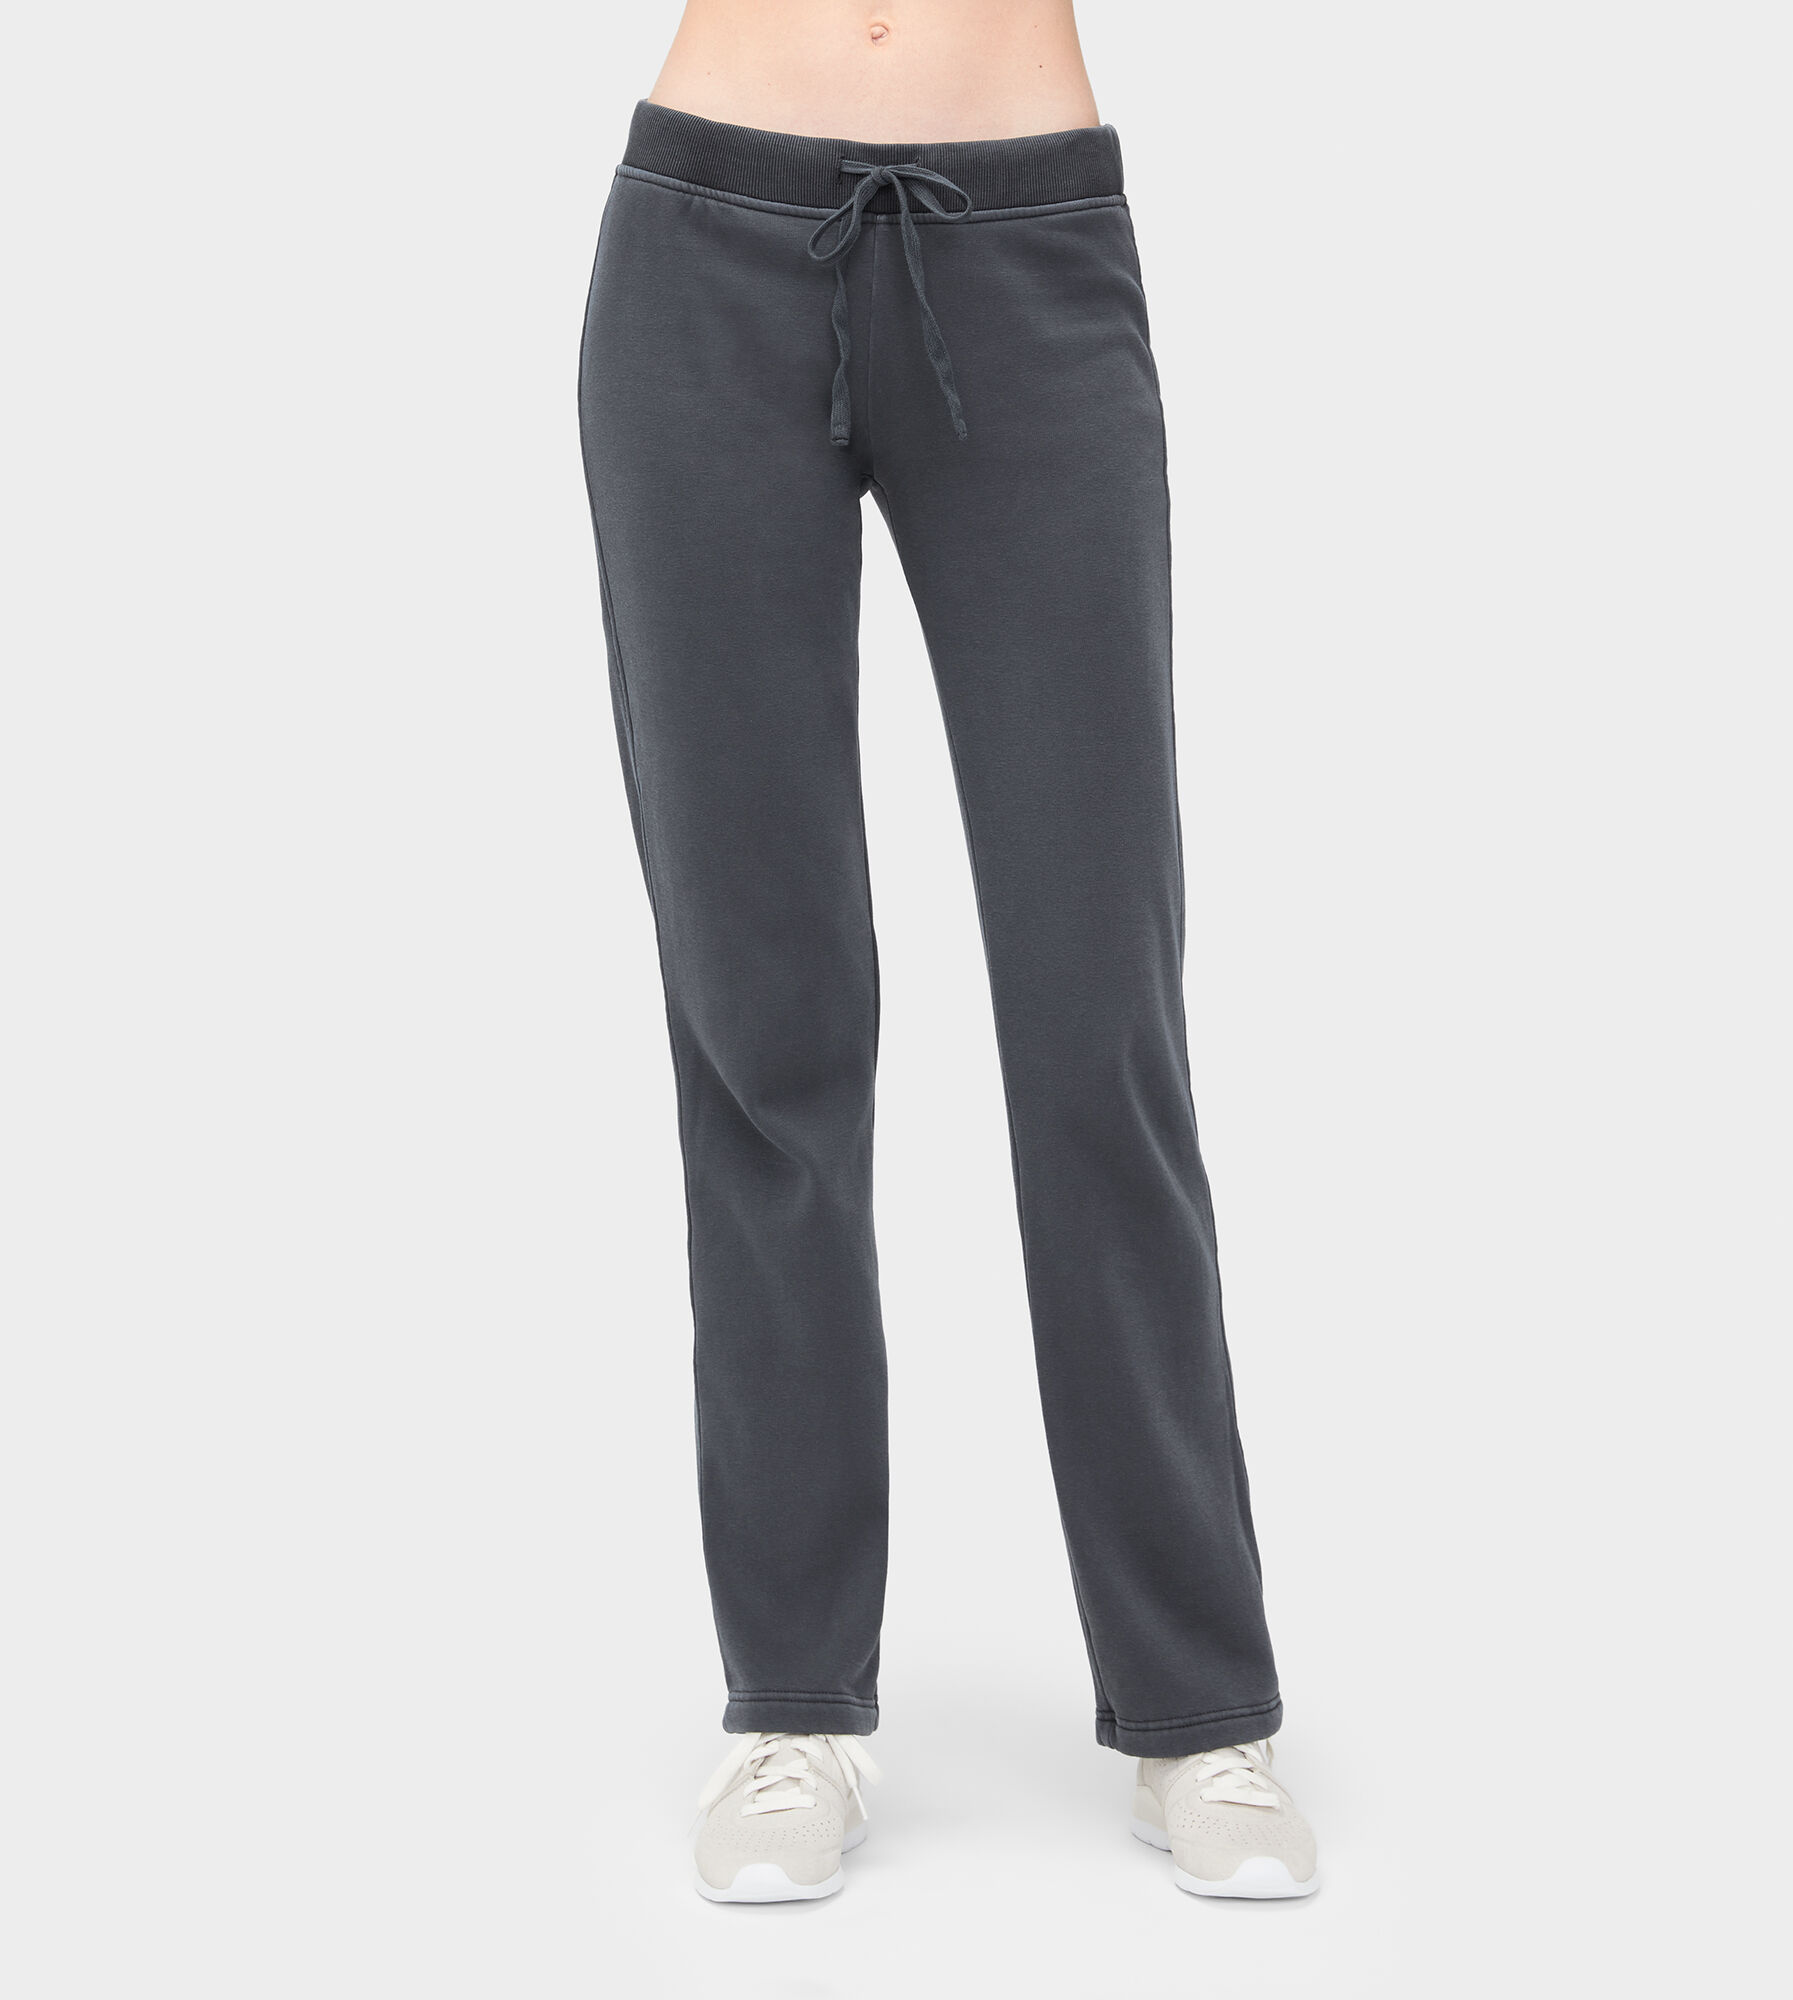 ugg jeans